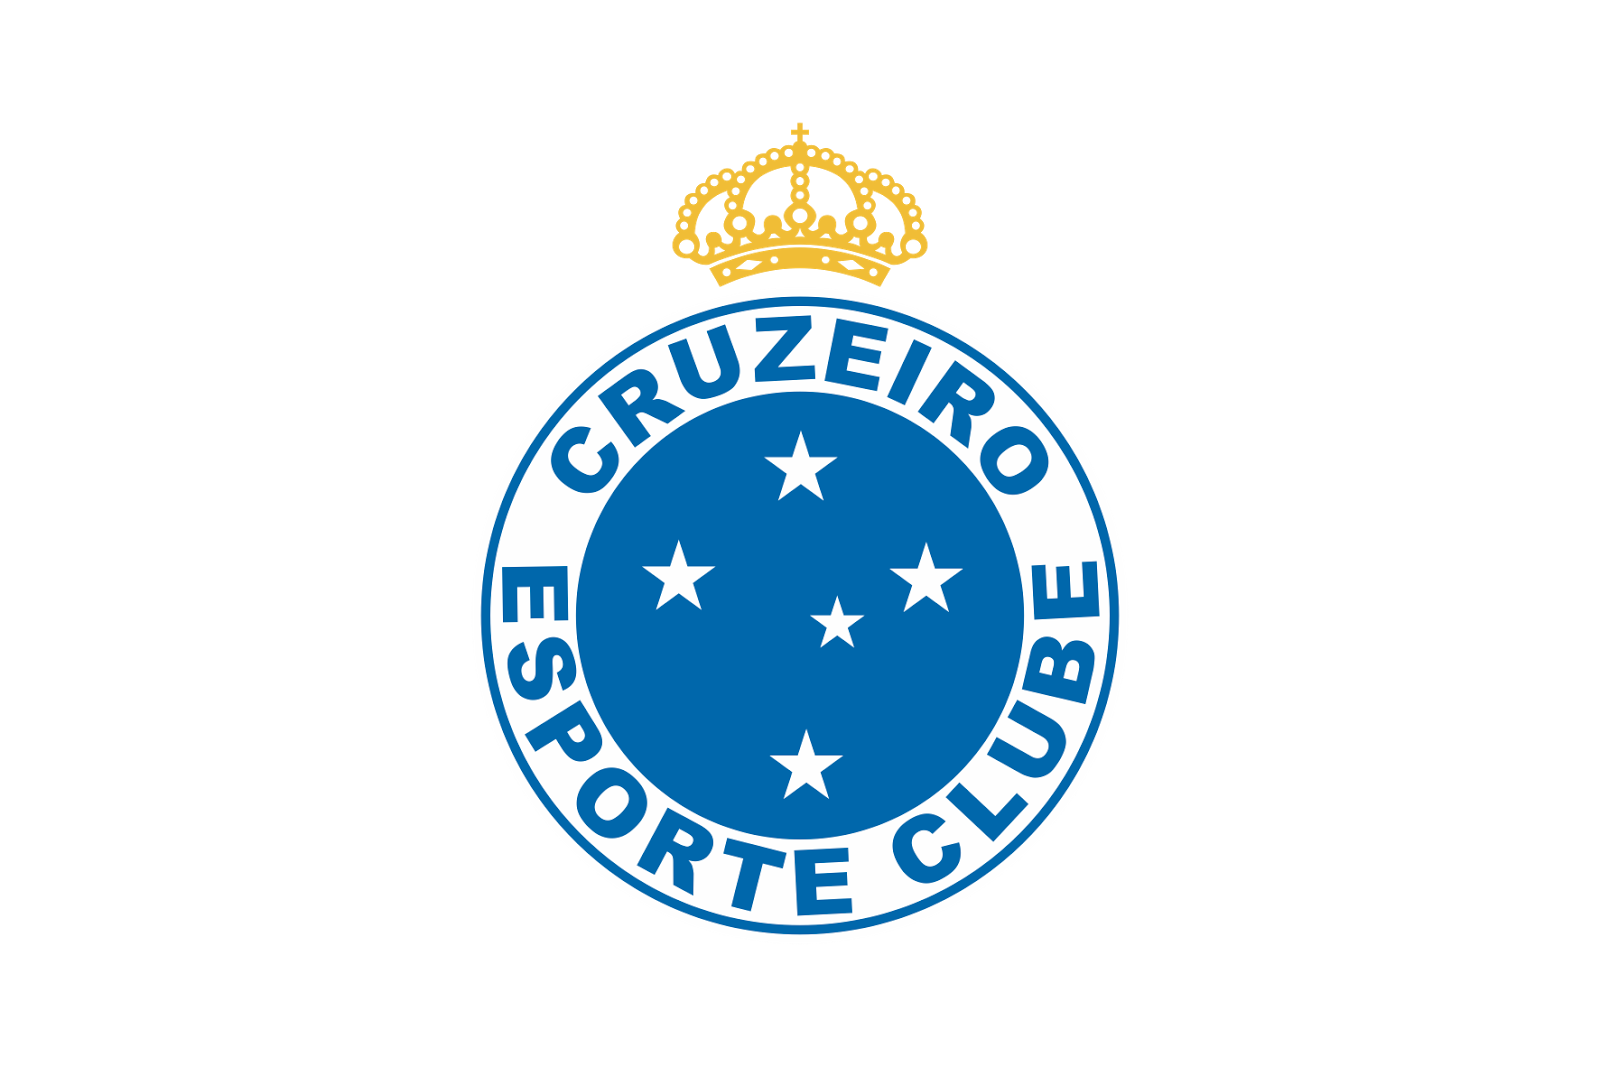 Cruzeiro EC Logo